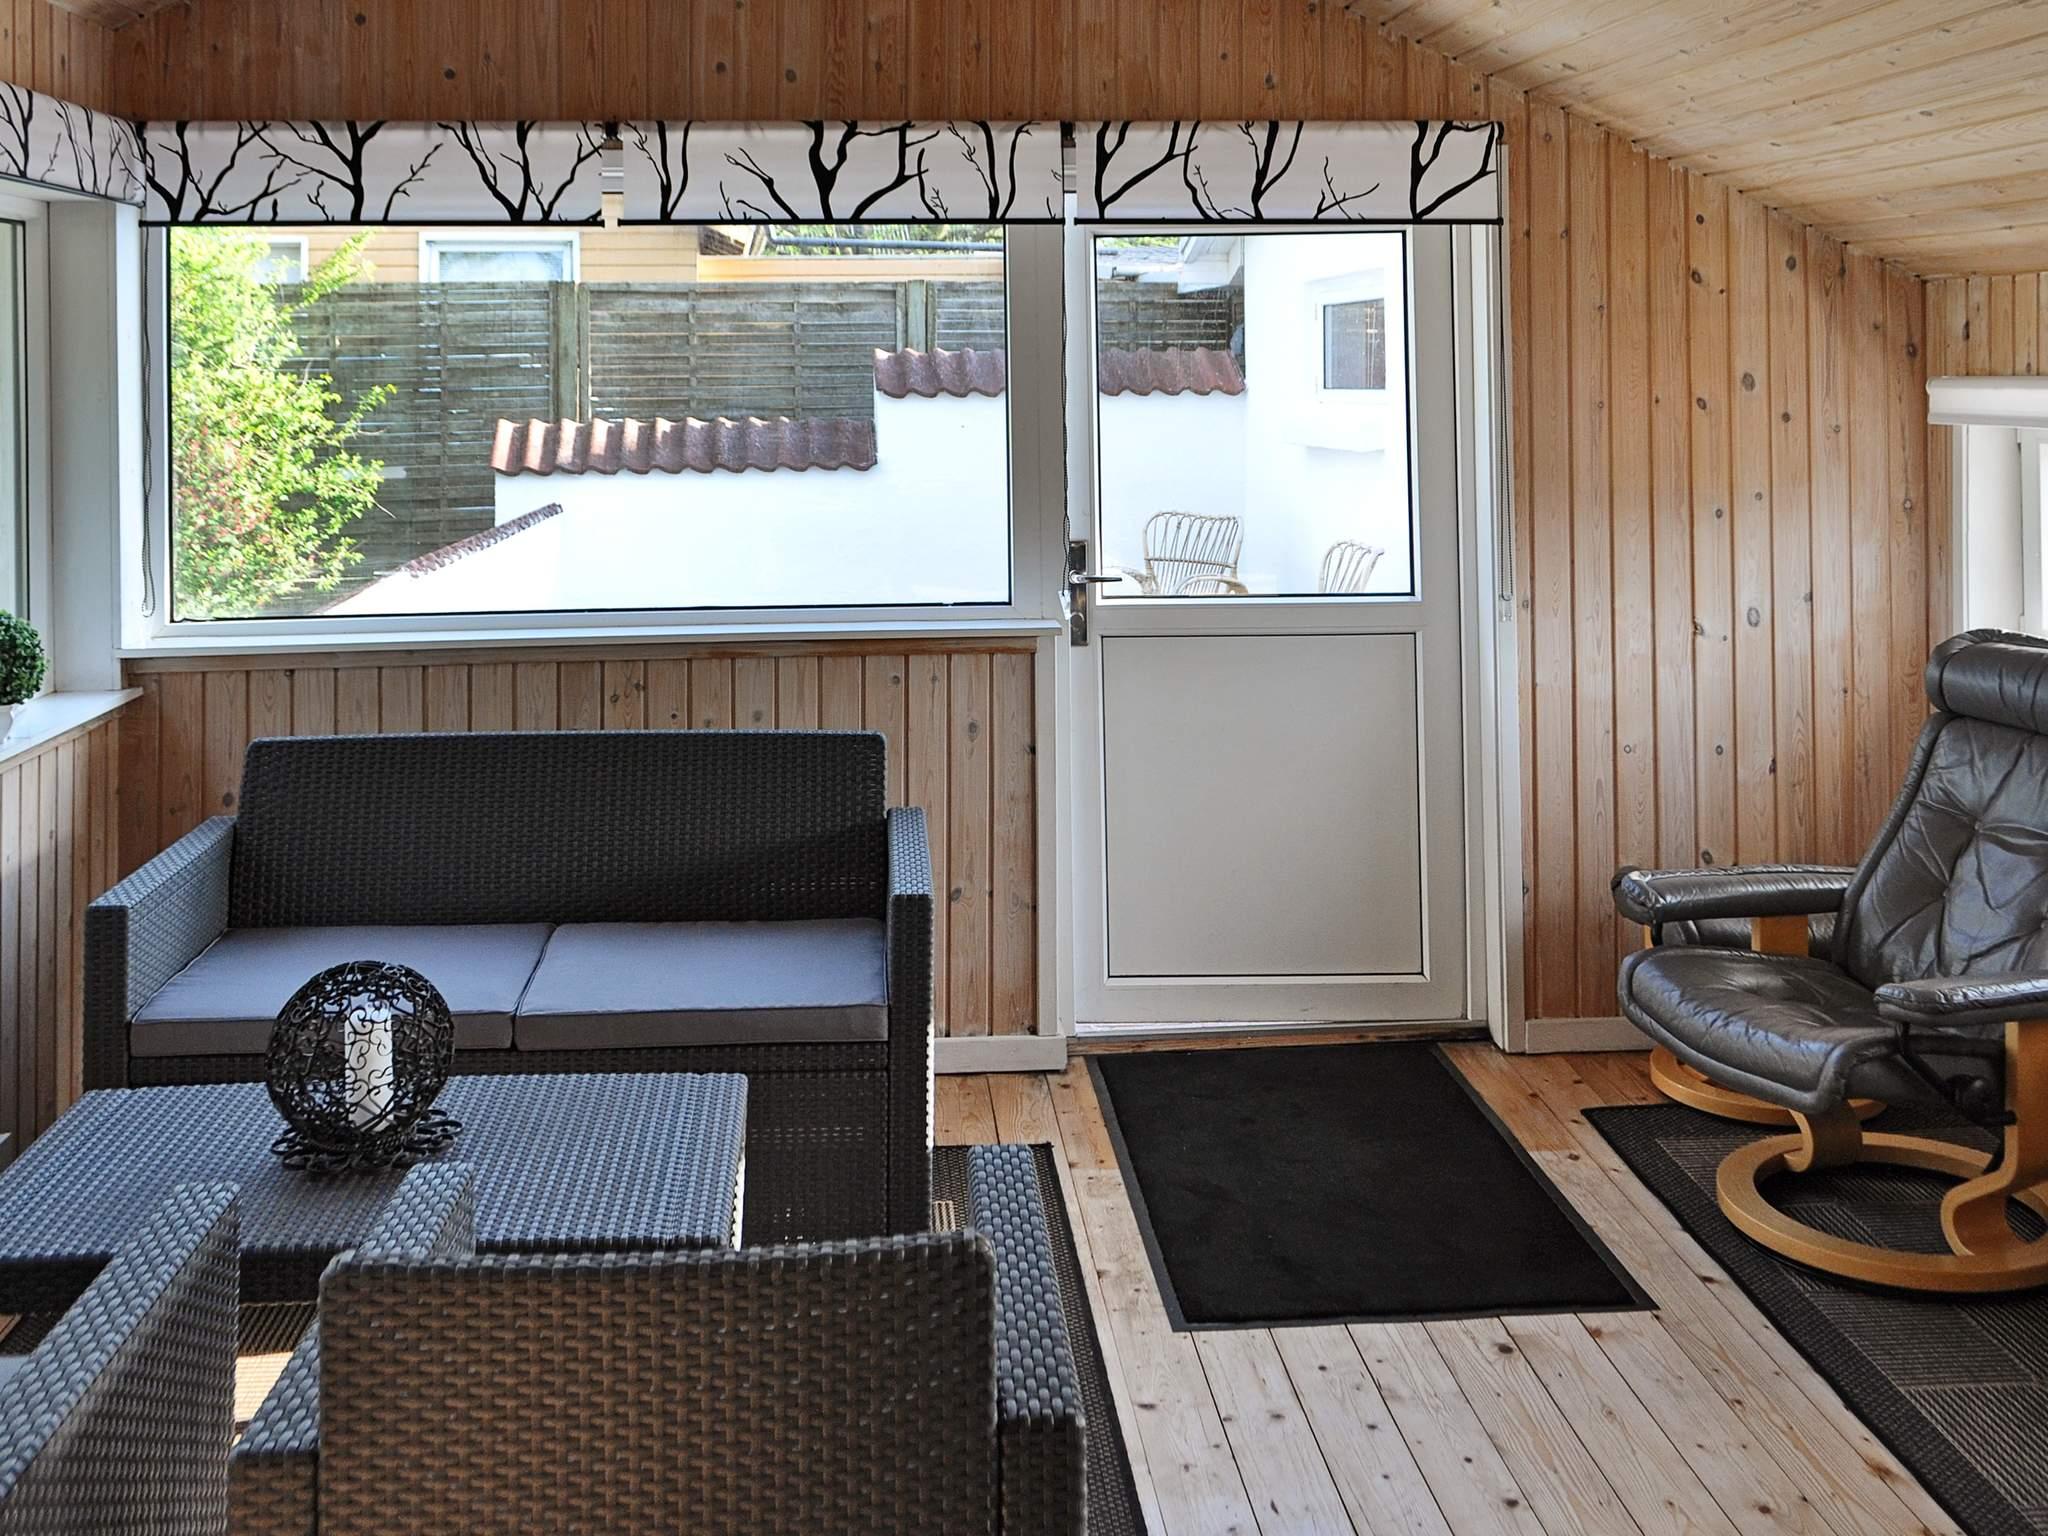 Ferienhaus Hou (82629), Hou, , Nordostjütland, Dänemark, Bild 3